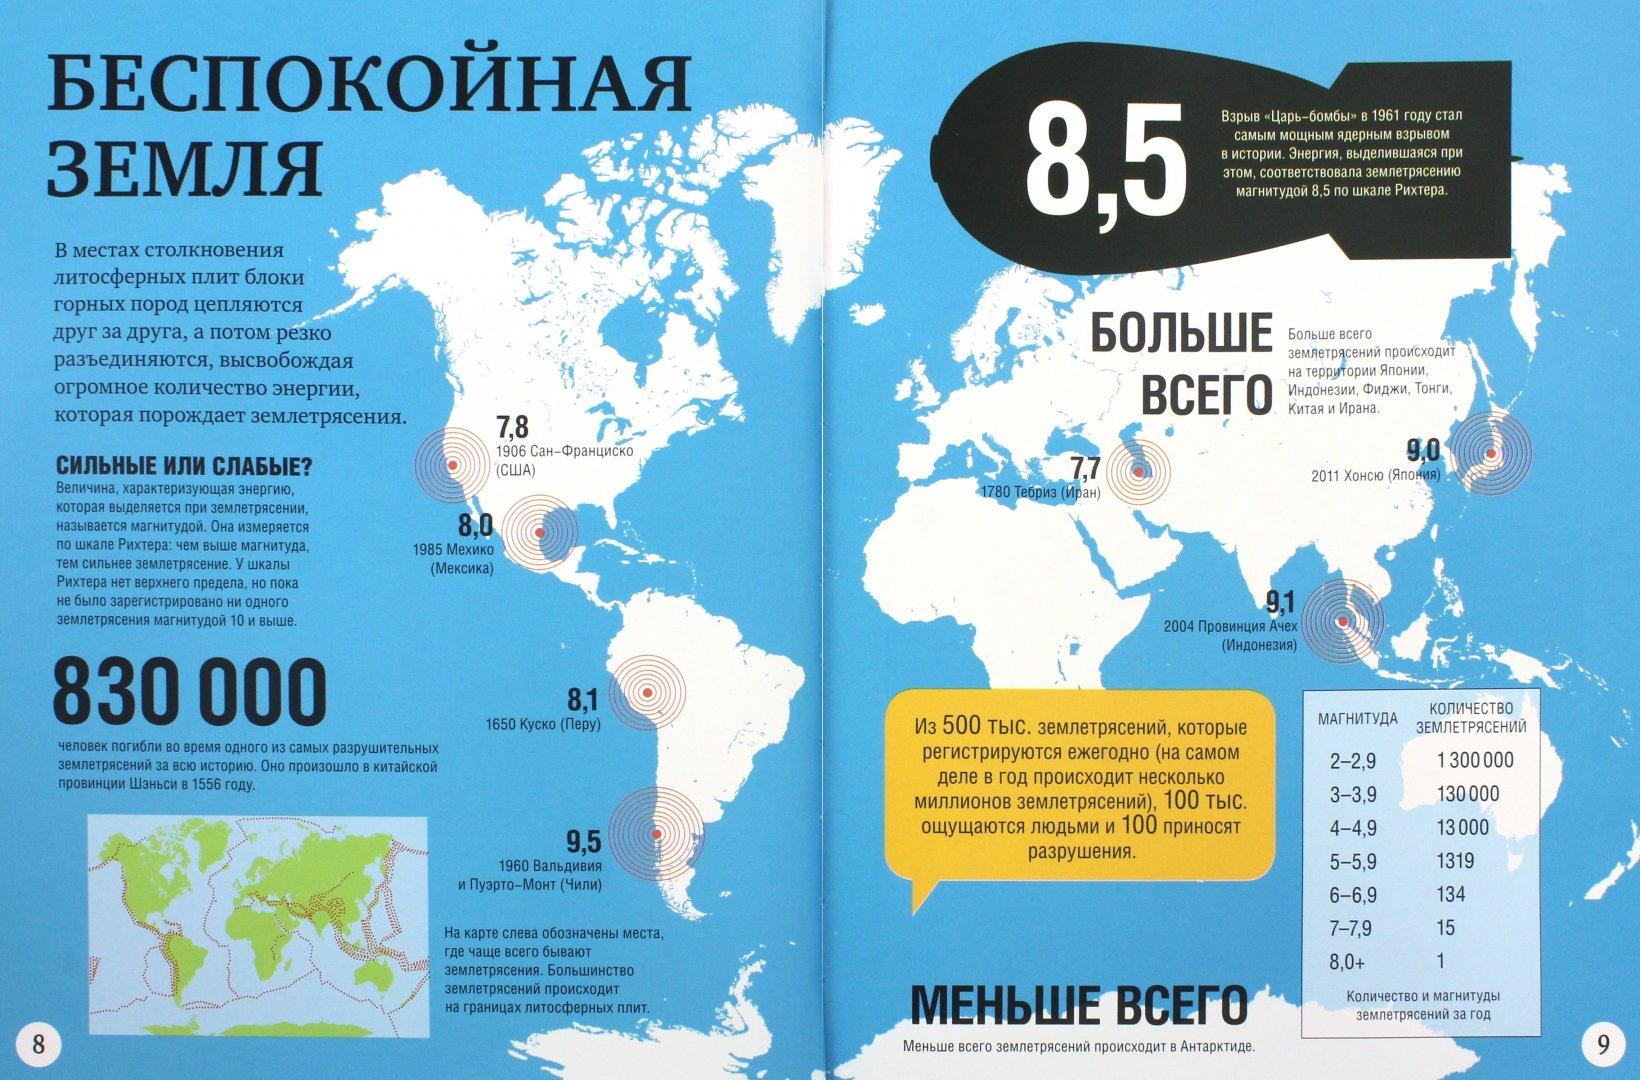 Иллюстрация 1 из 41 для 1000 удивительных фактов о планете Земля - Ричардс, Симкинс, Руни | Лабиринт - книги. Источник: Лабиринт